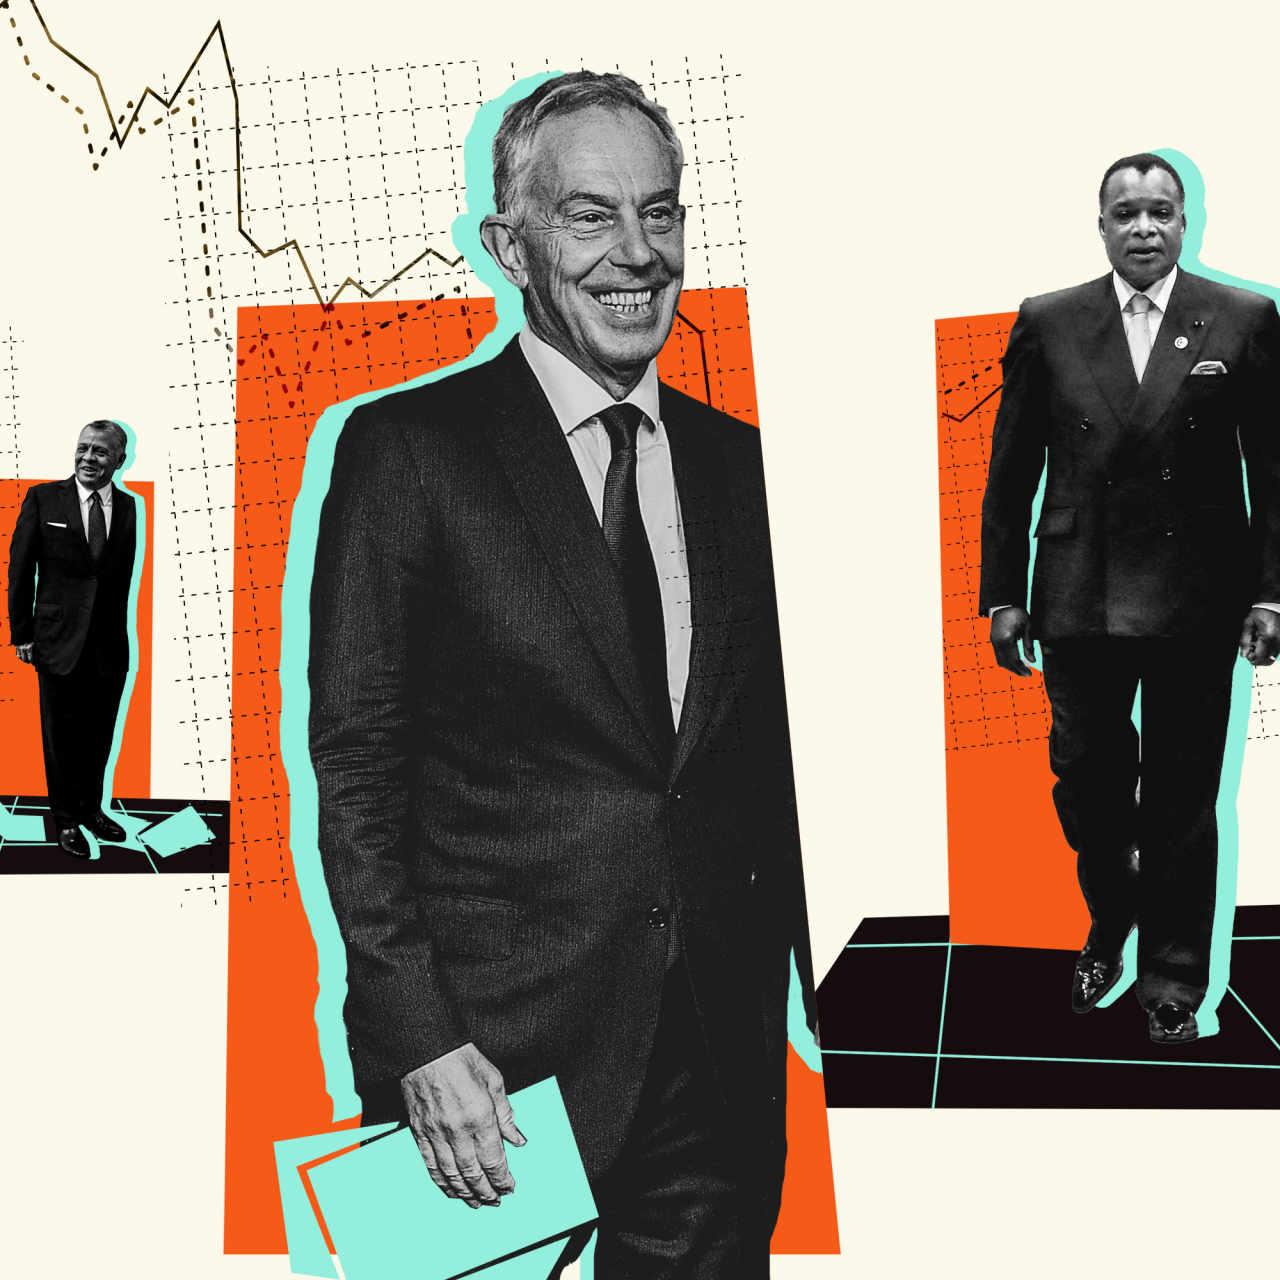 « Pandora Papers » : du roi Abdallah II à Tony Blair, des dizaines de dirigeants politiques éclaboussés par le scandale